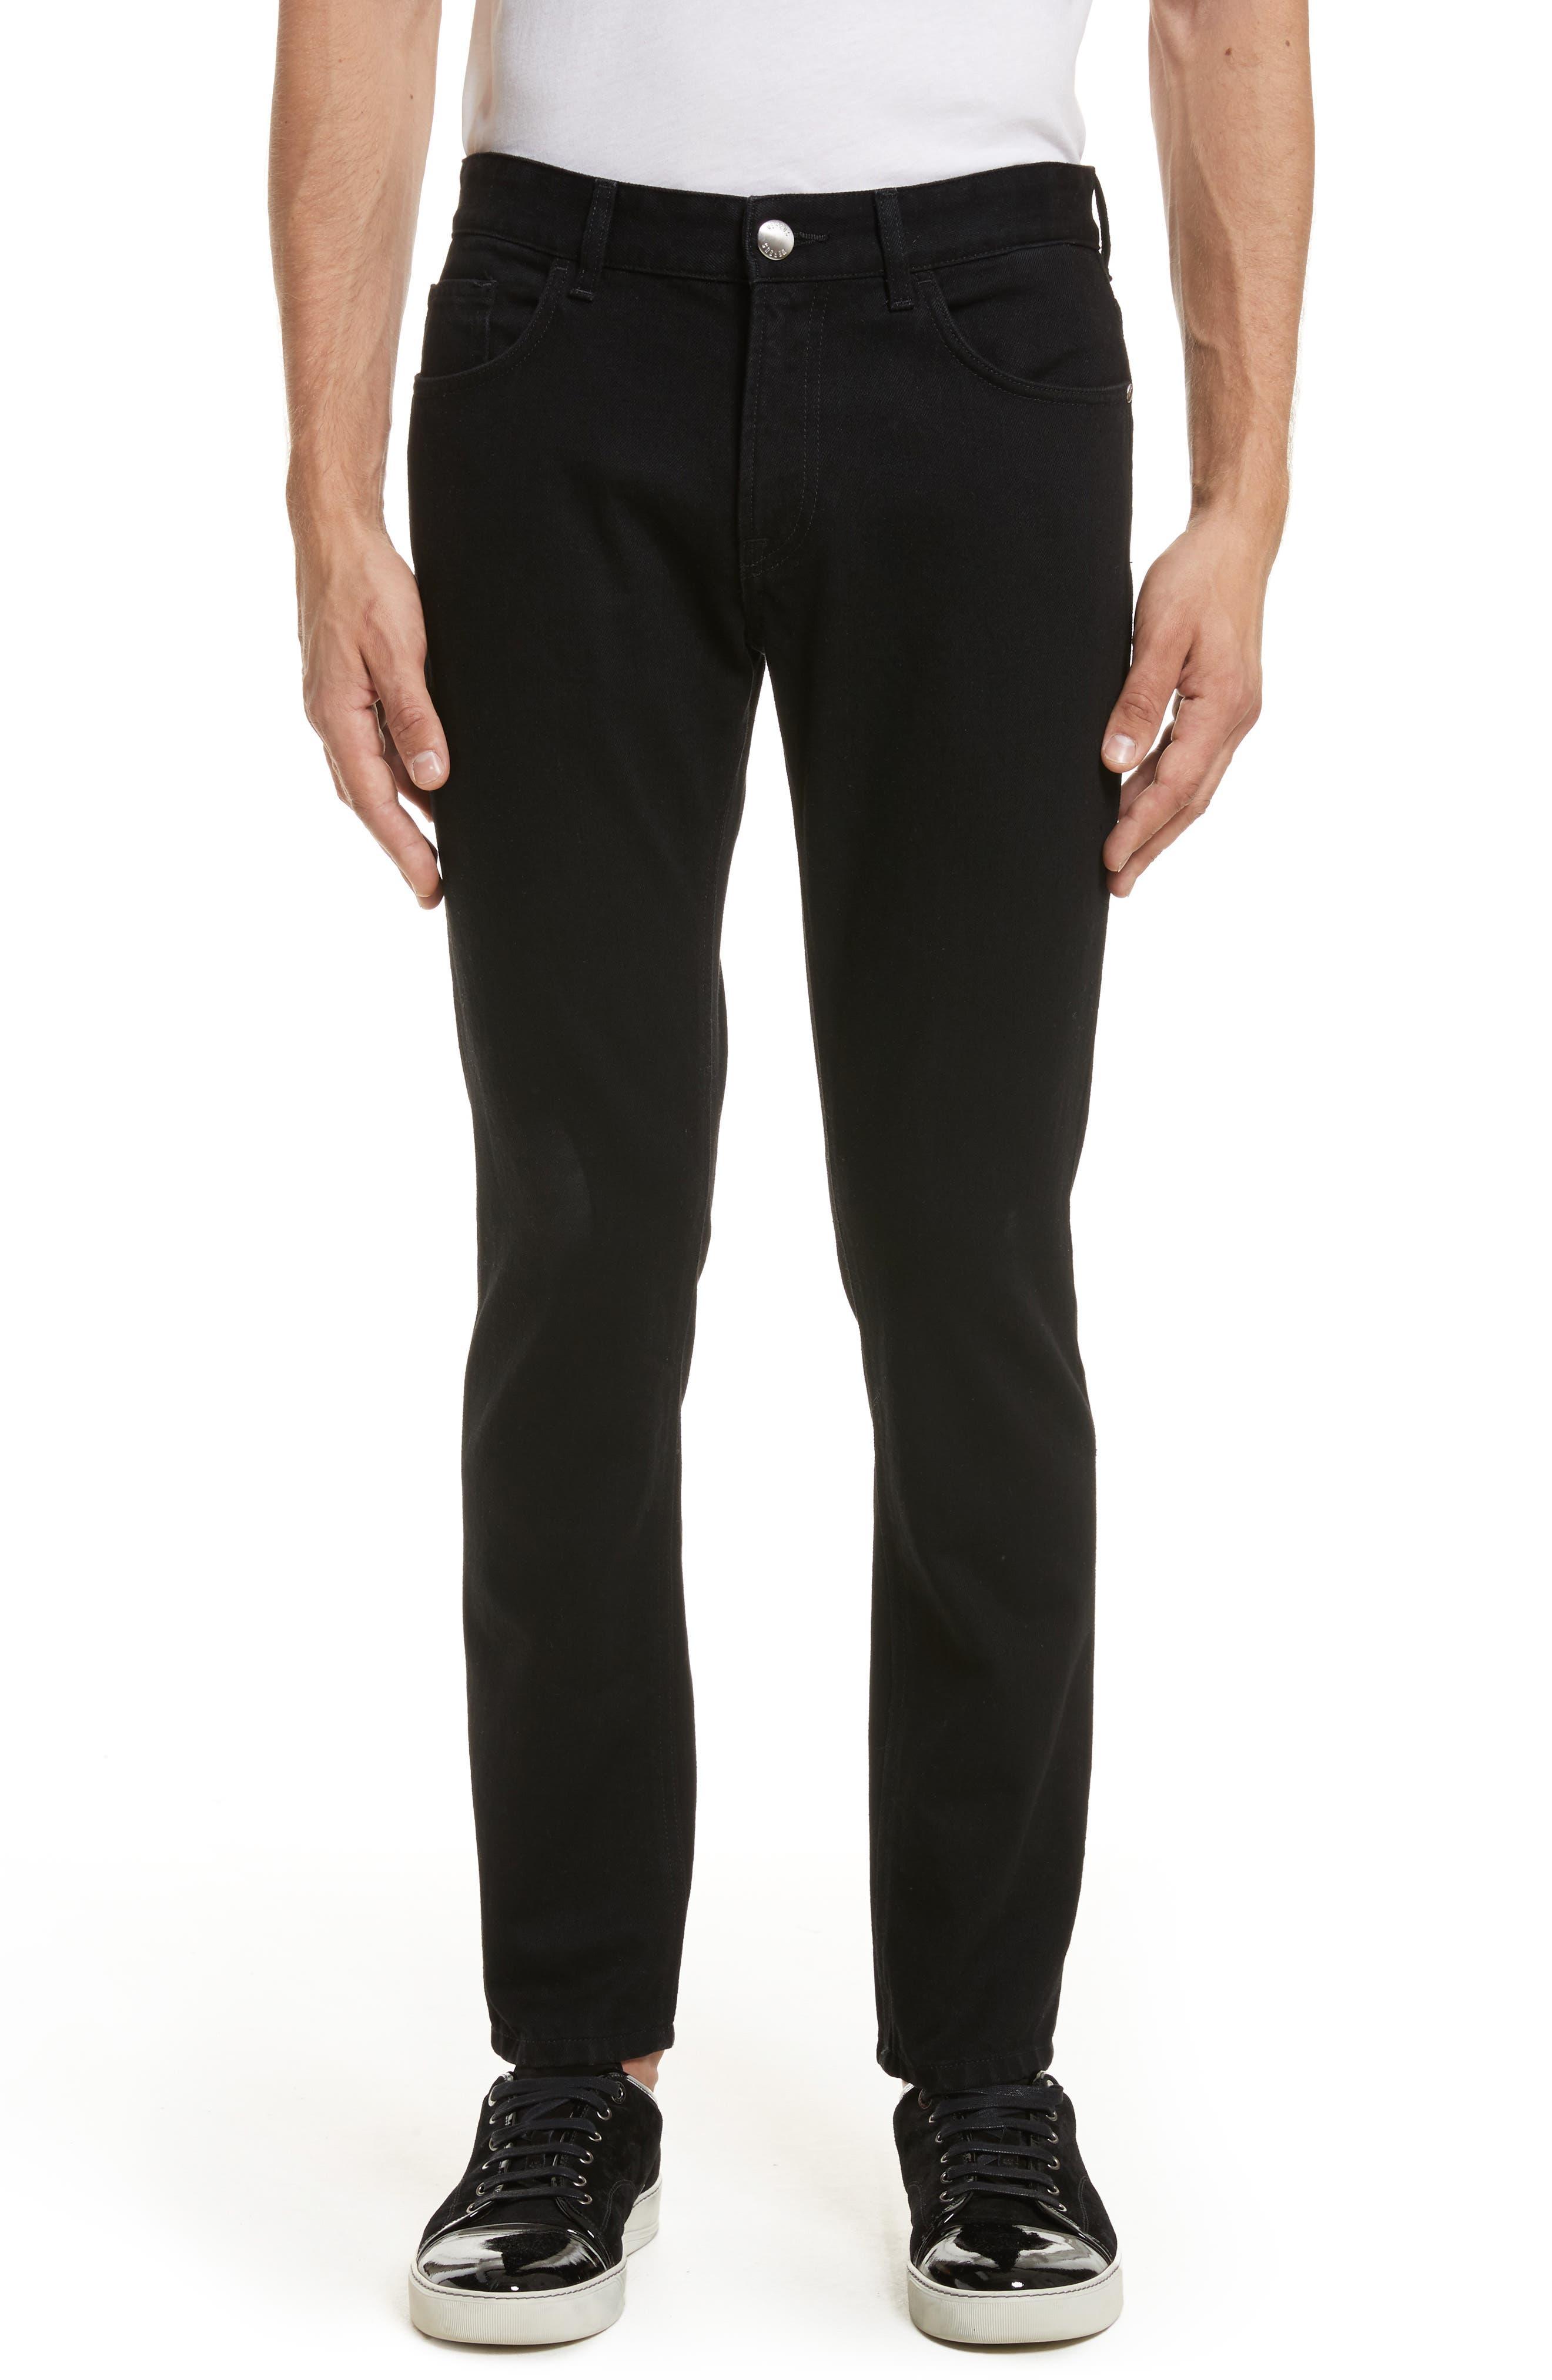 VERSUS by Versace Lion Slim Fit Jeans,                         Main,                         color, Black